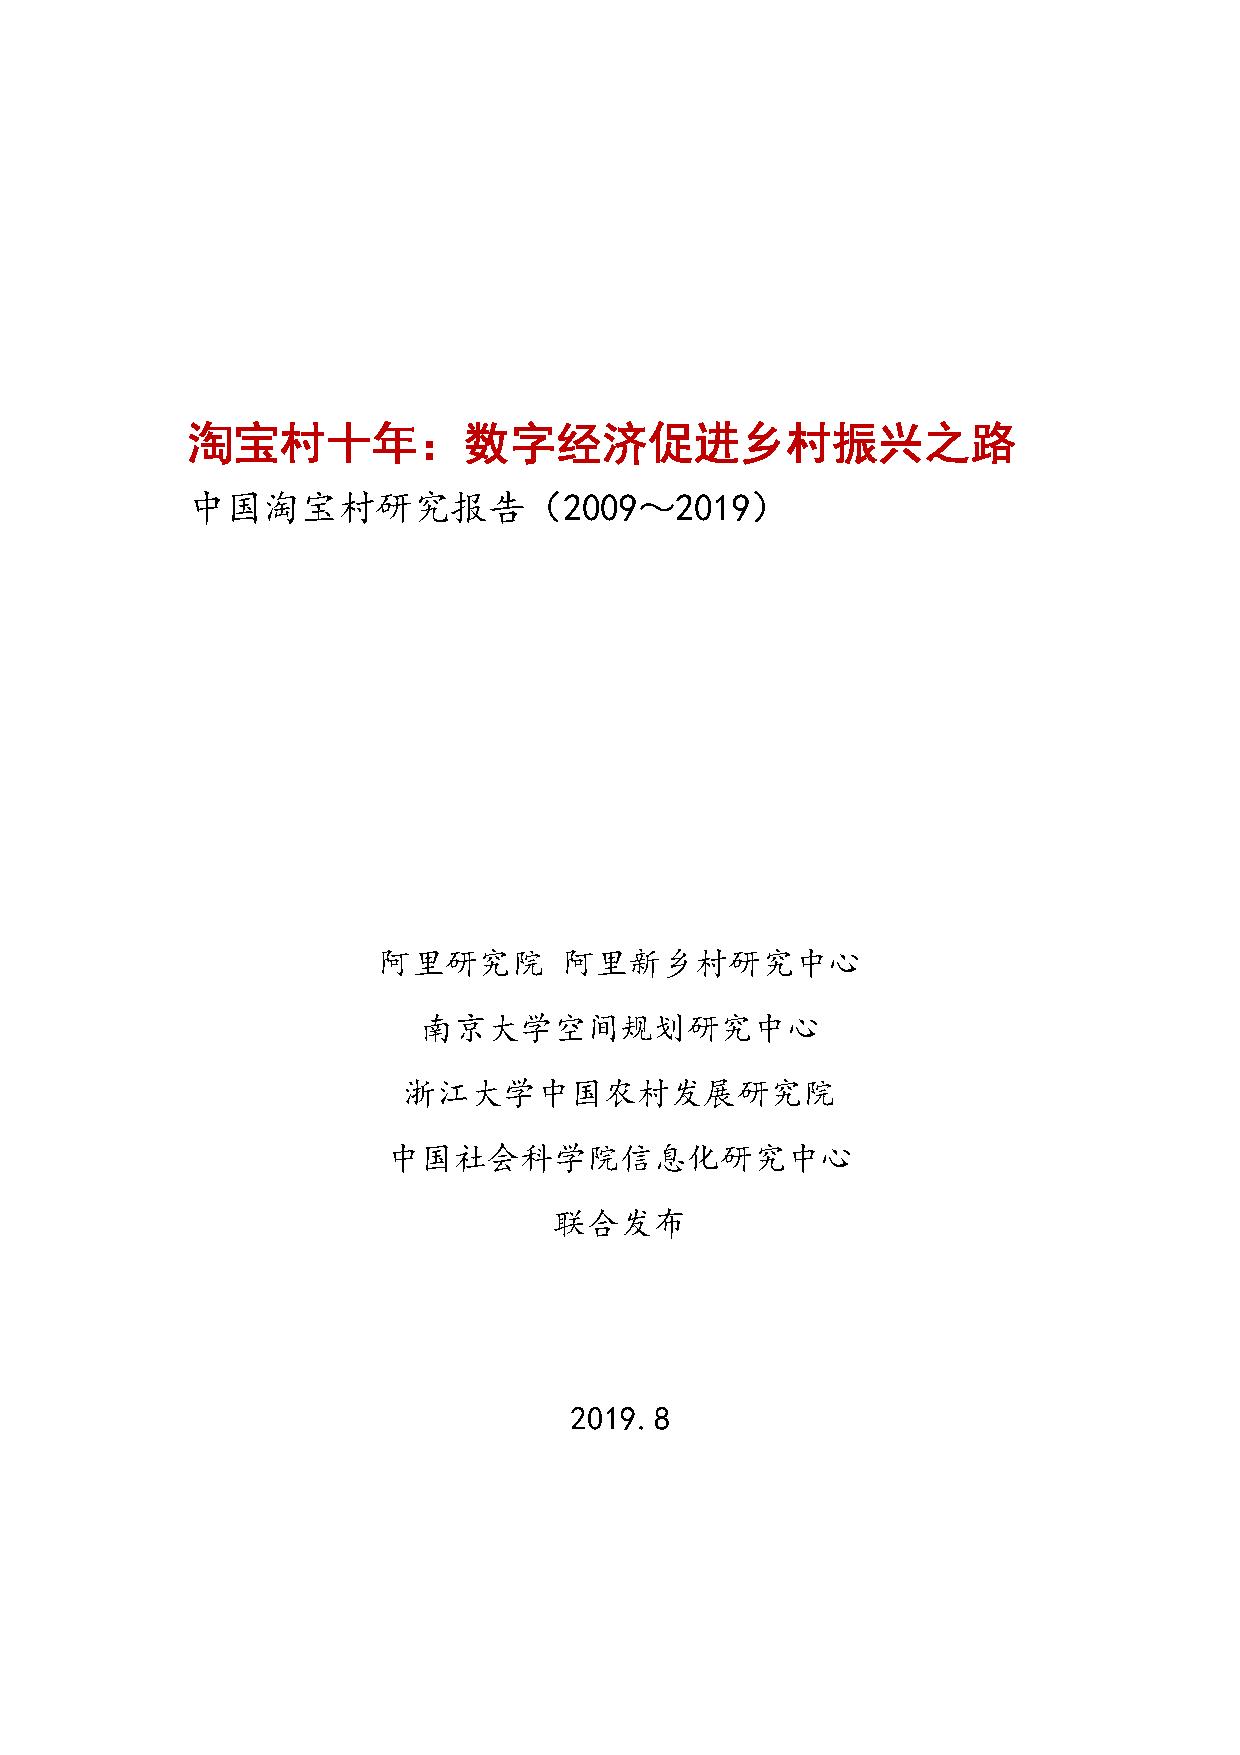 阿里研究院:2009-2019年中国淘宝村研究报告